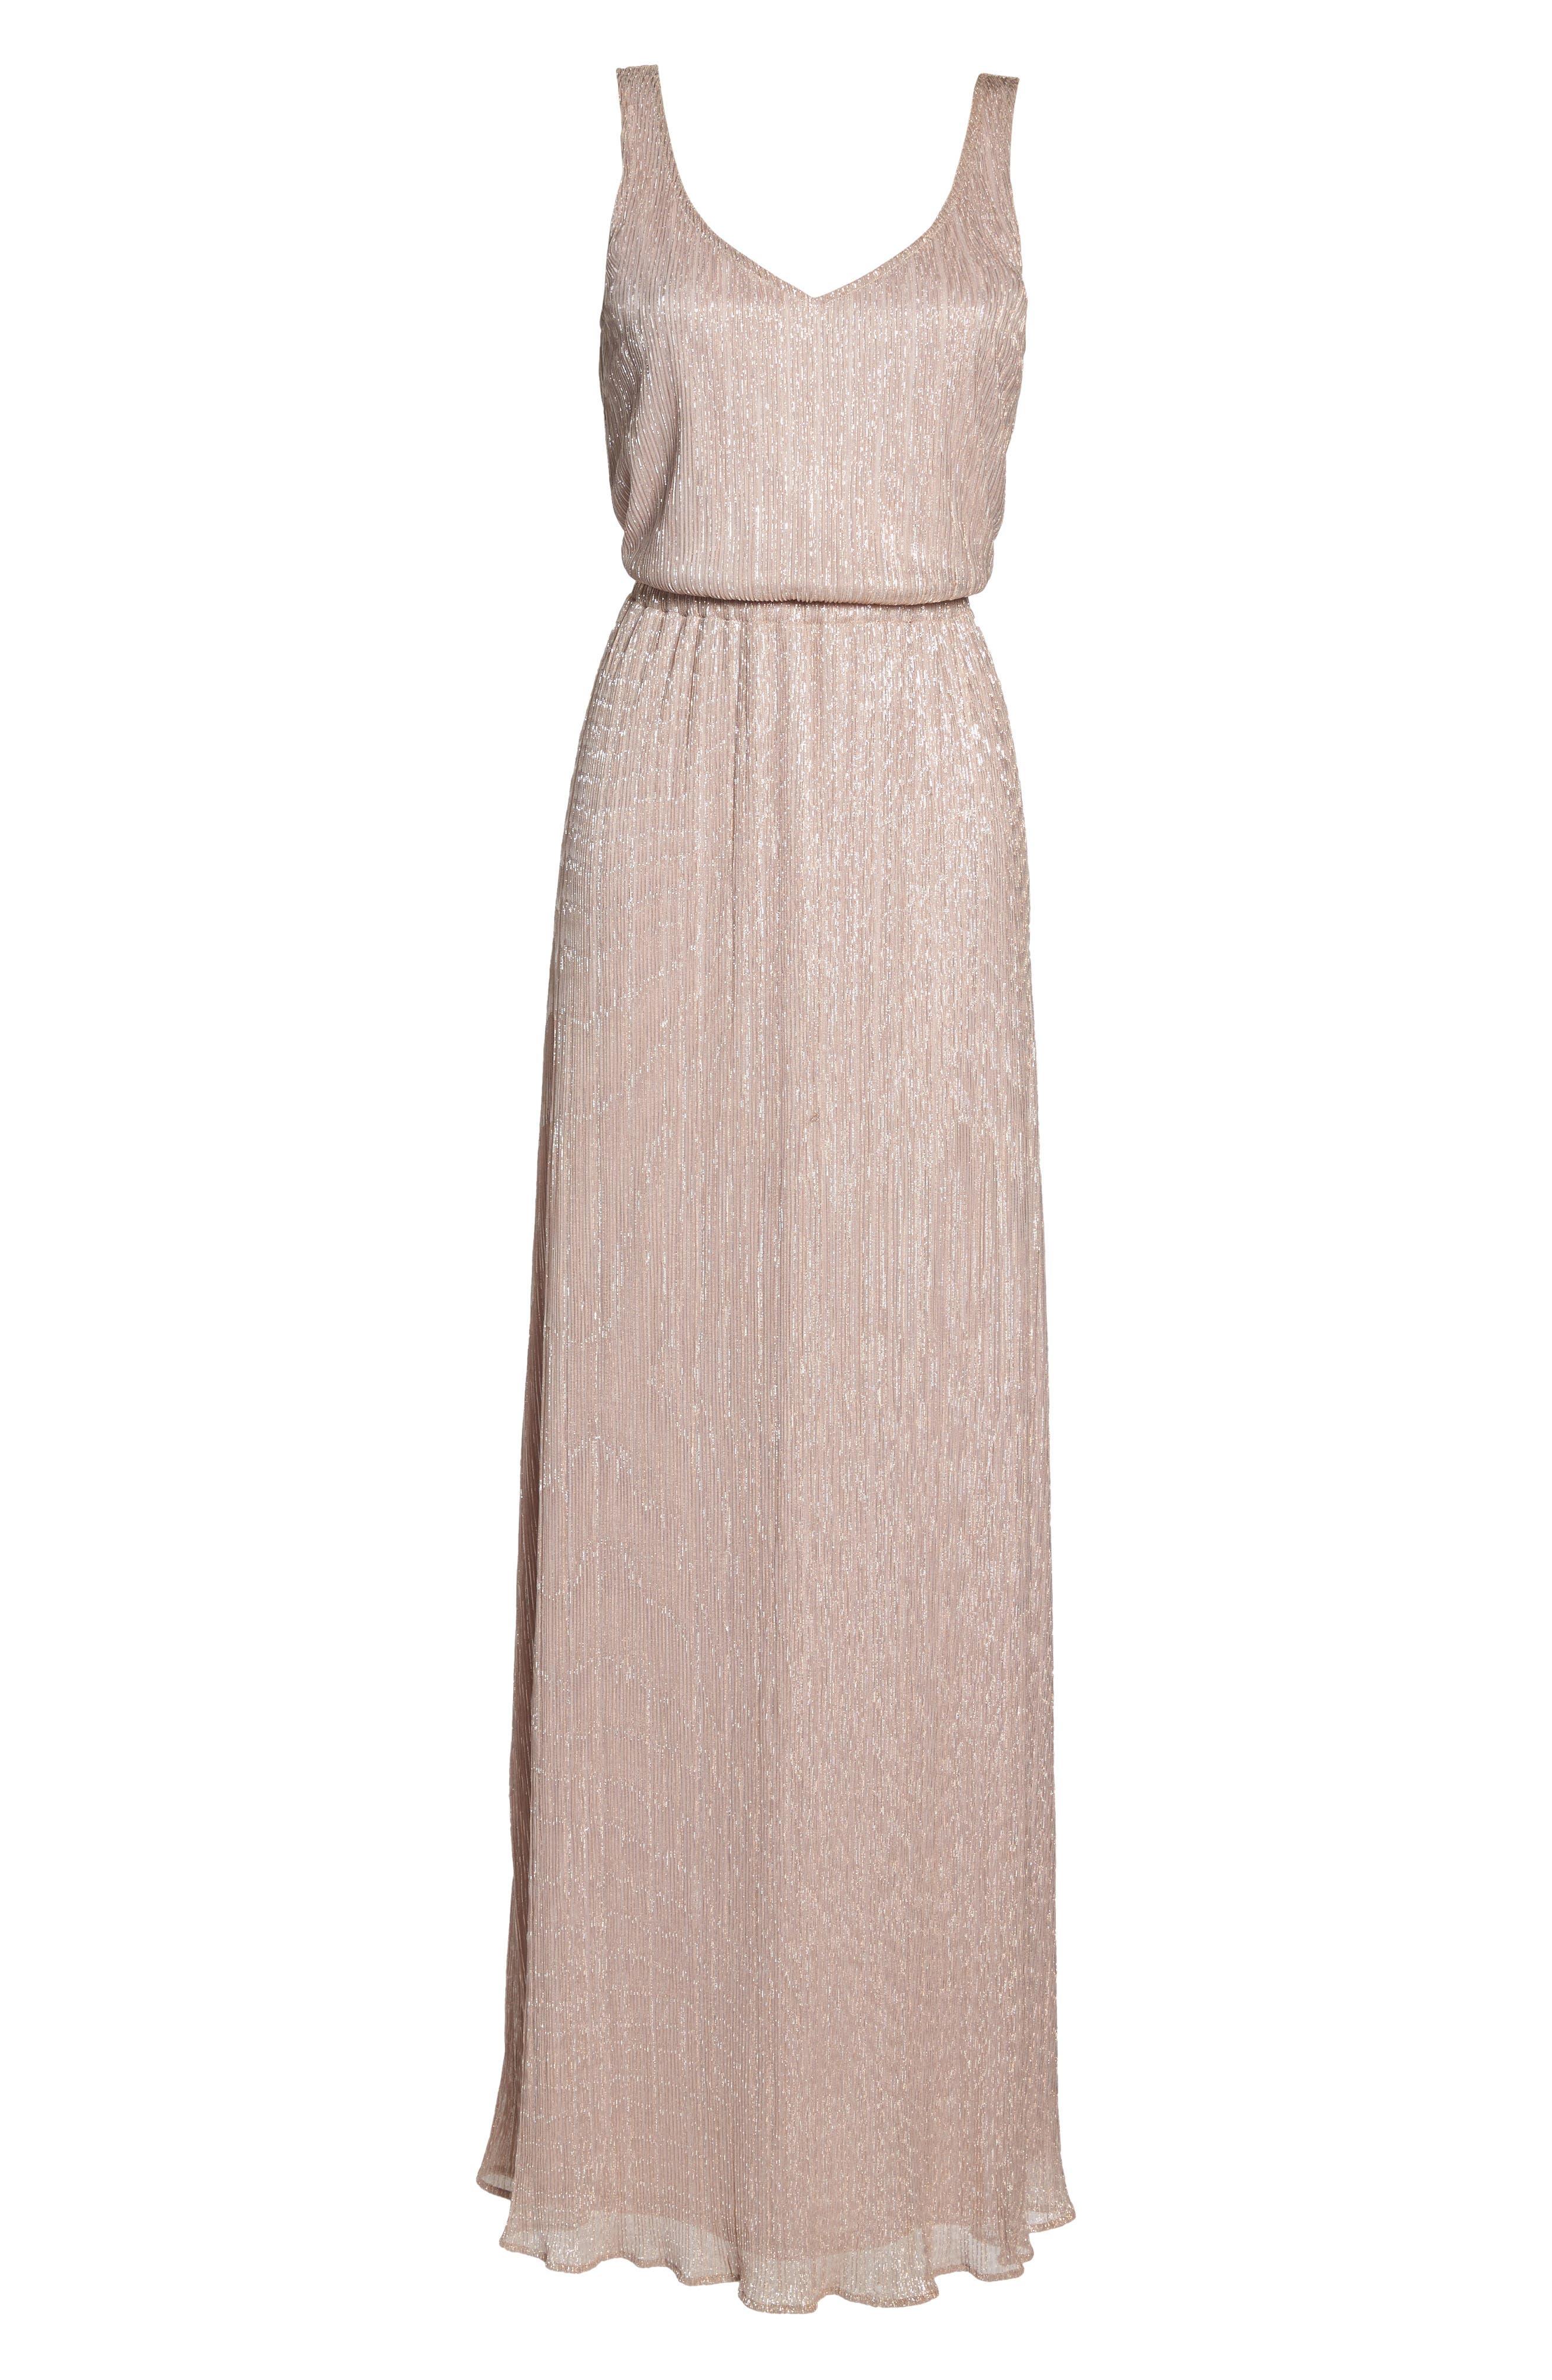 Kendall Blouson Maxi Dress,                             Alternate thumbnail 6, color,                             Magic Muave Glitter